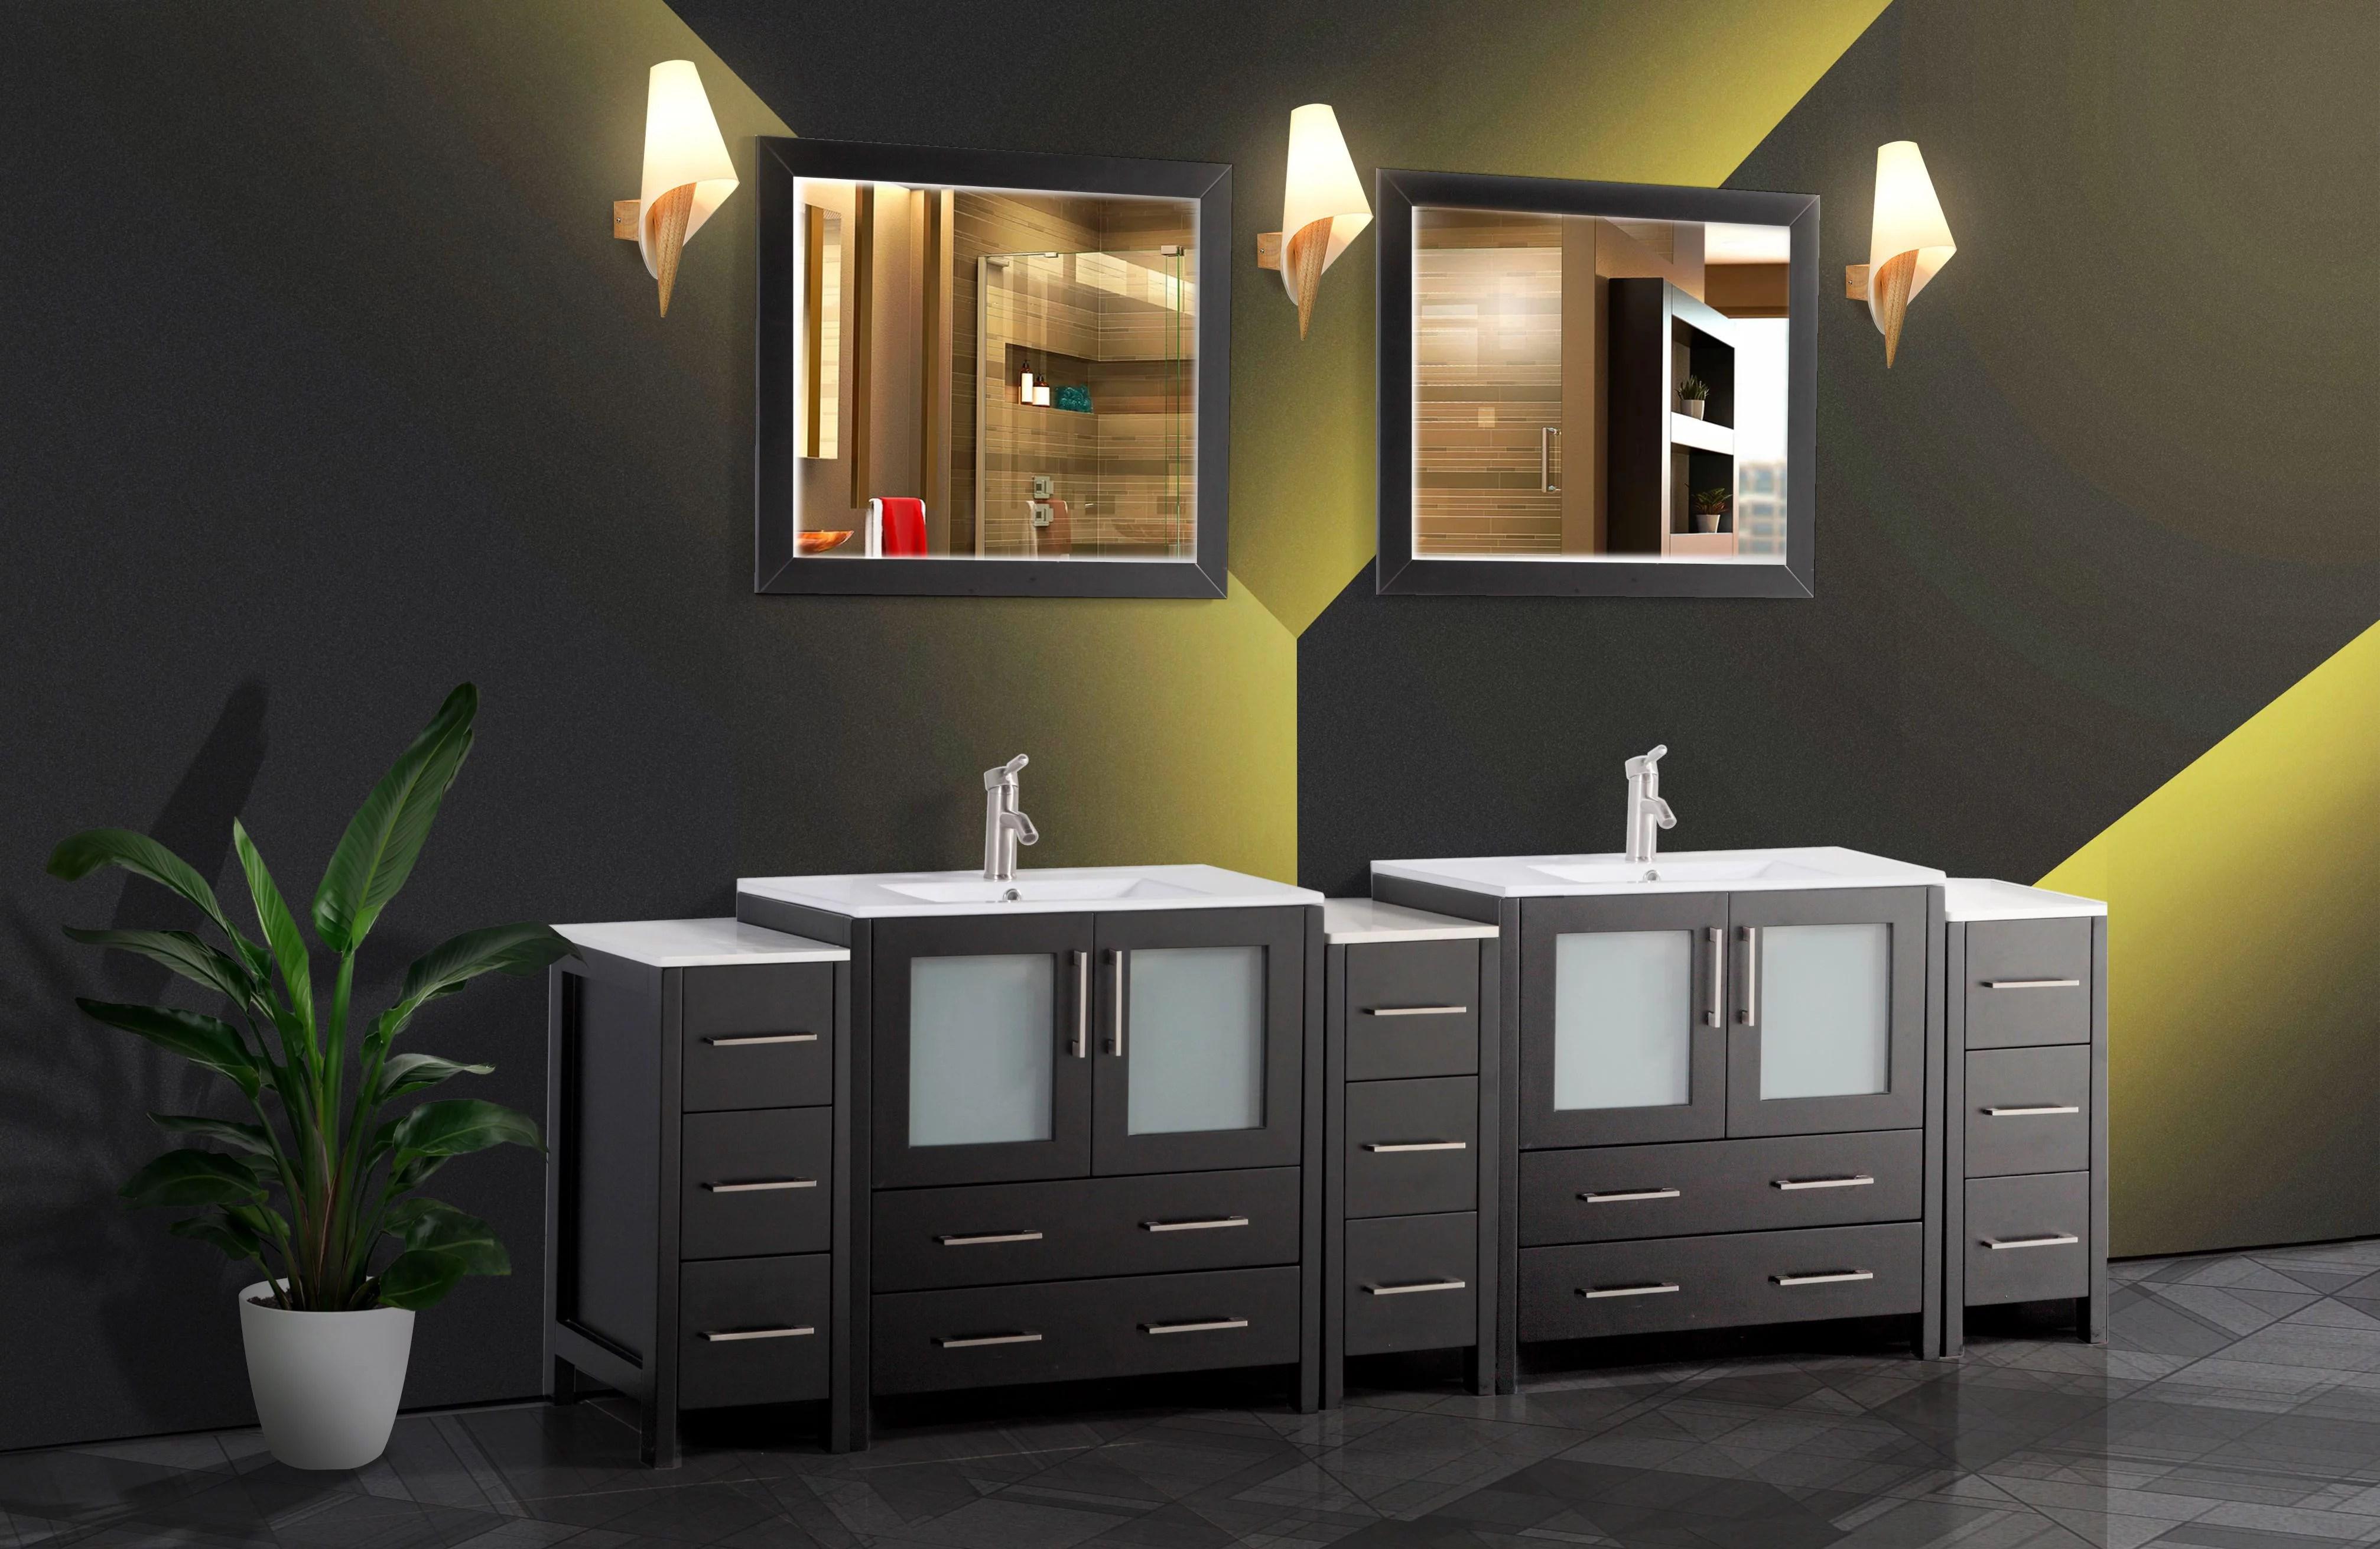 Vanity Art 96 Double Sink Bathroom Vanity Combo Set Modern Bathroom Storage Solid Wood Ceramic Top Under Sink Cabinet With Mirror Walmart Com Walmart Com